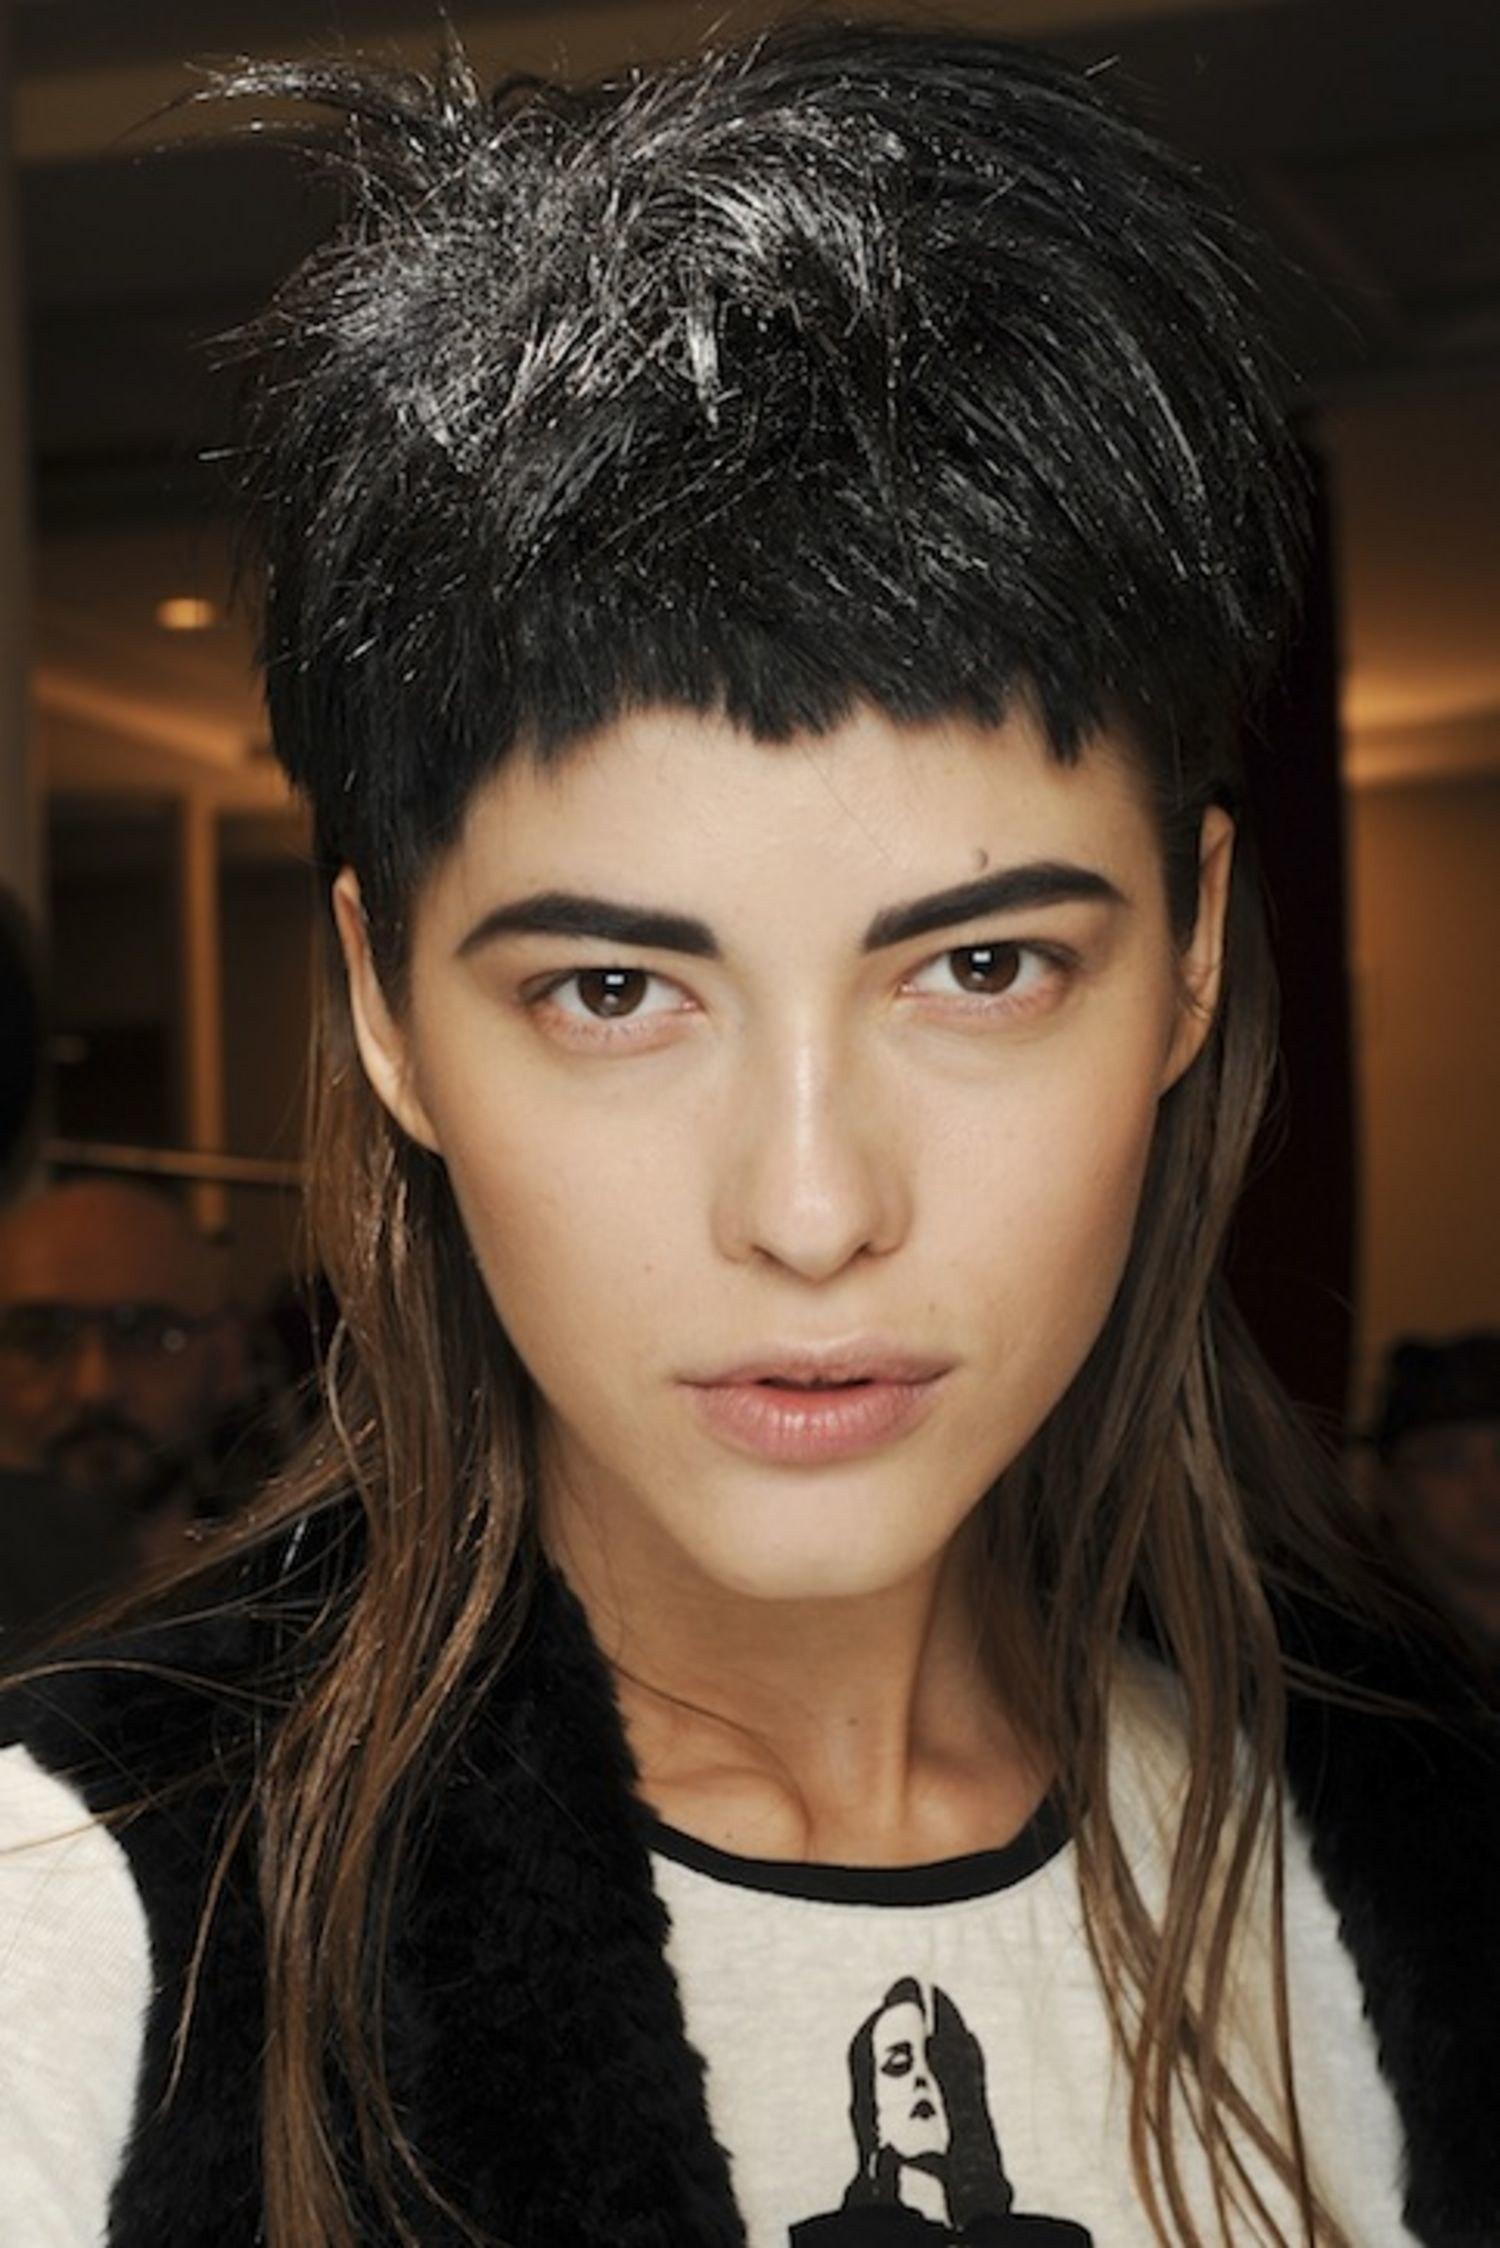 4 kiểu tóc không phải ai cũng phù hợp, chị em nên biết để tránh thành thảm họa-5